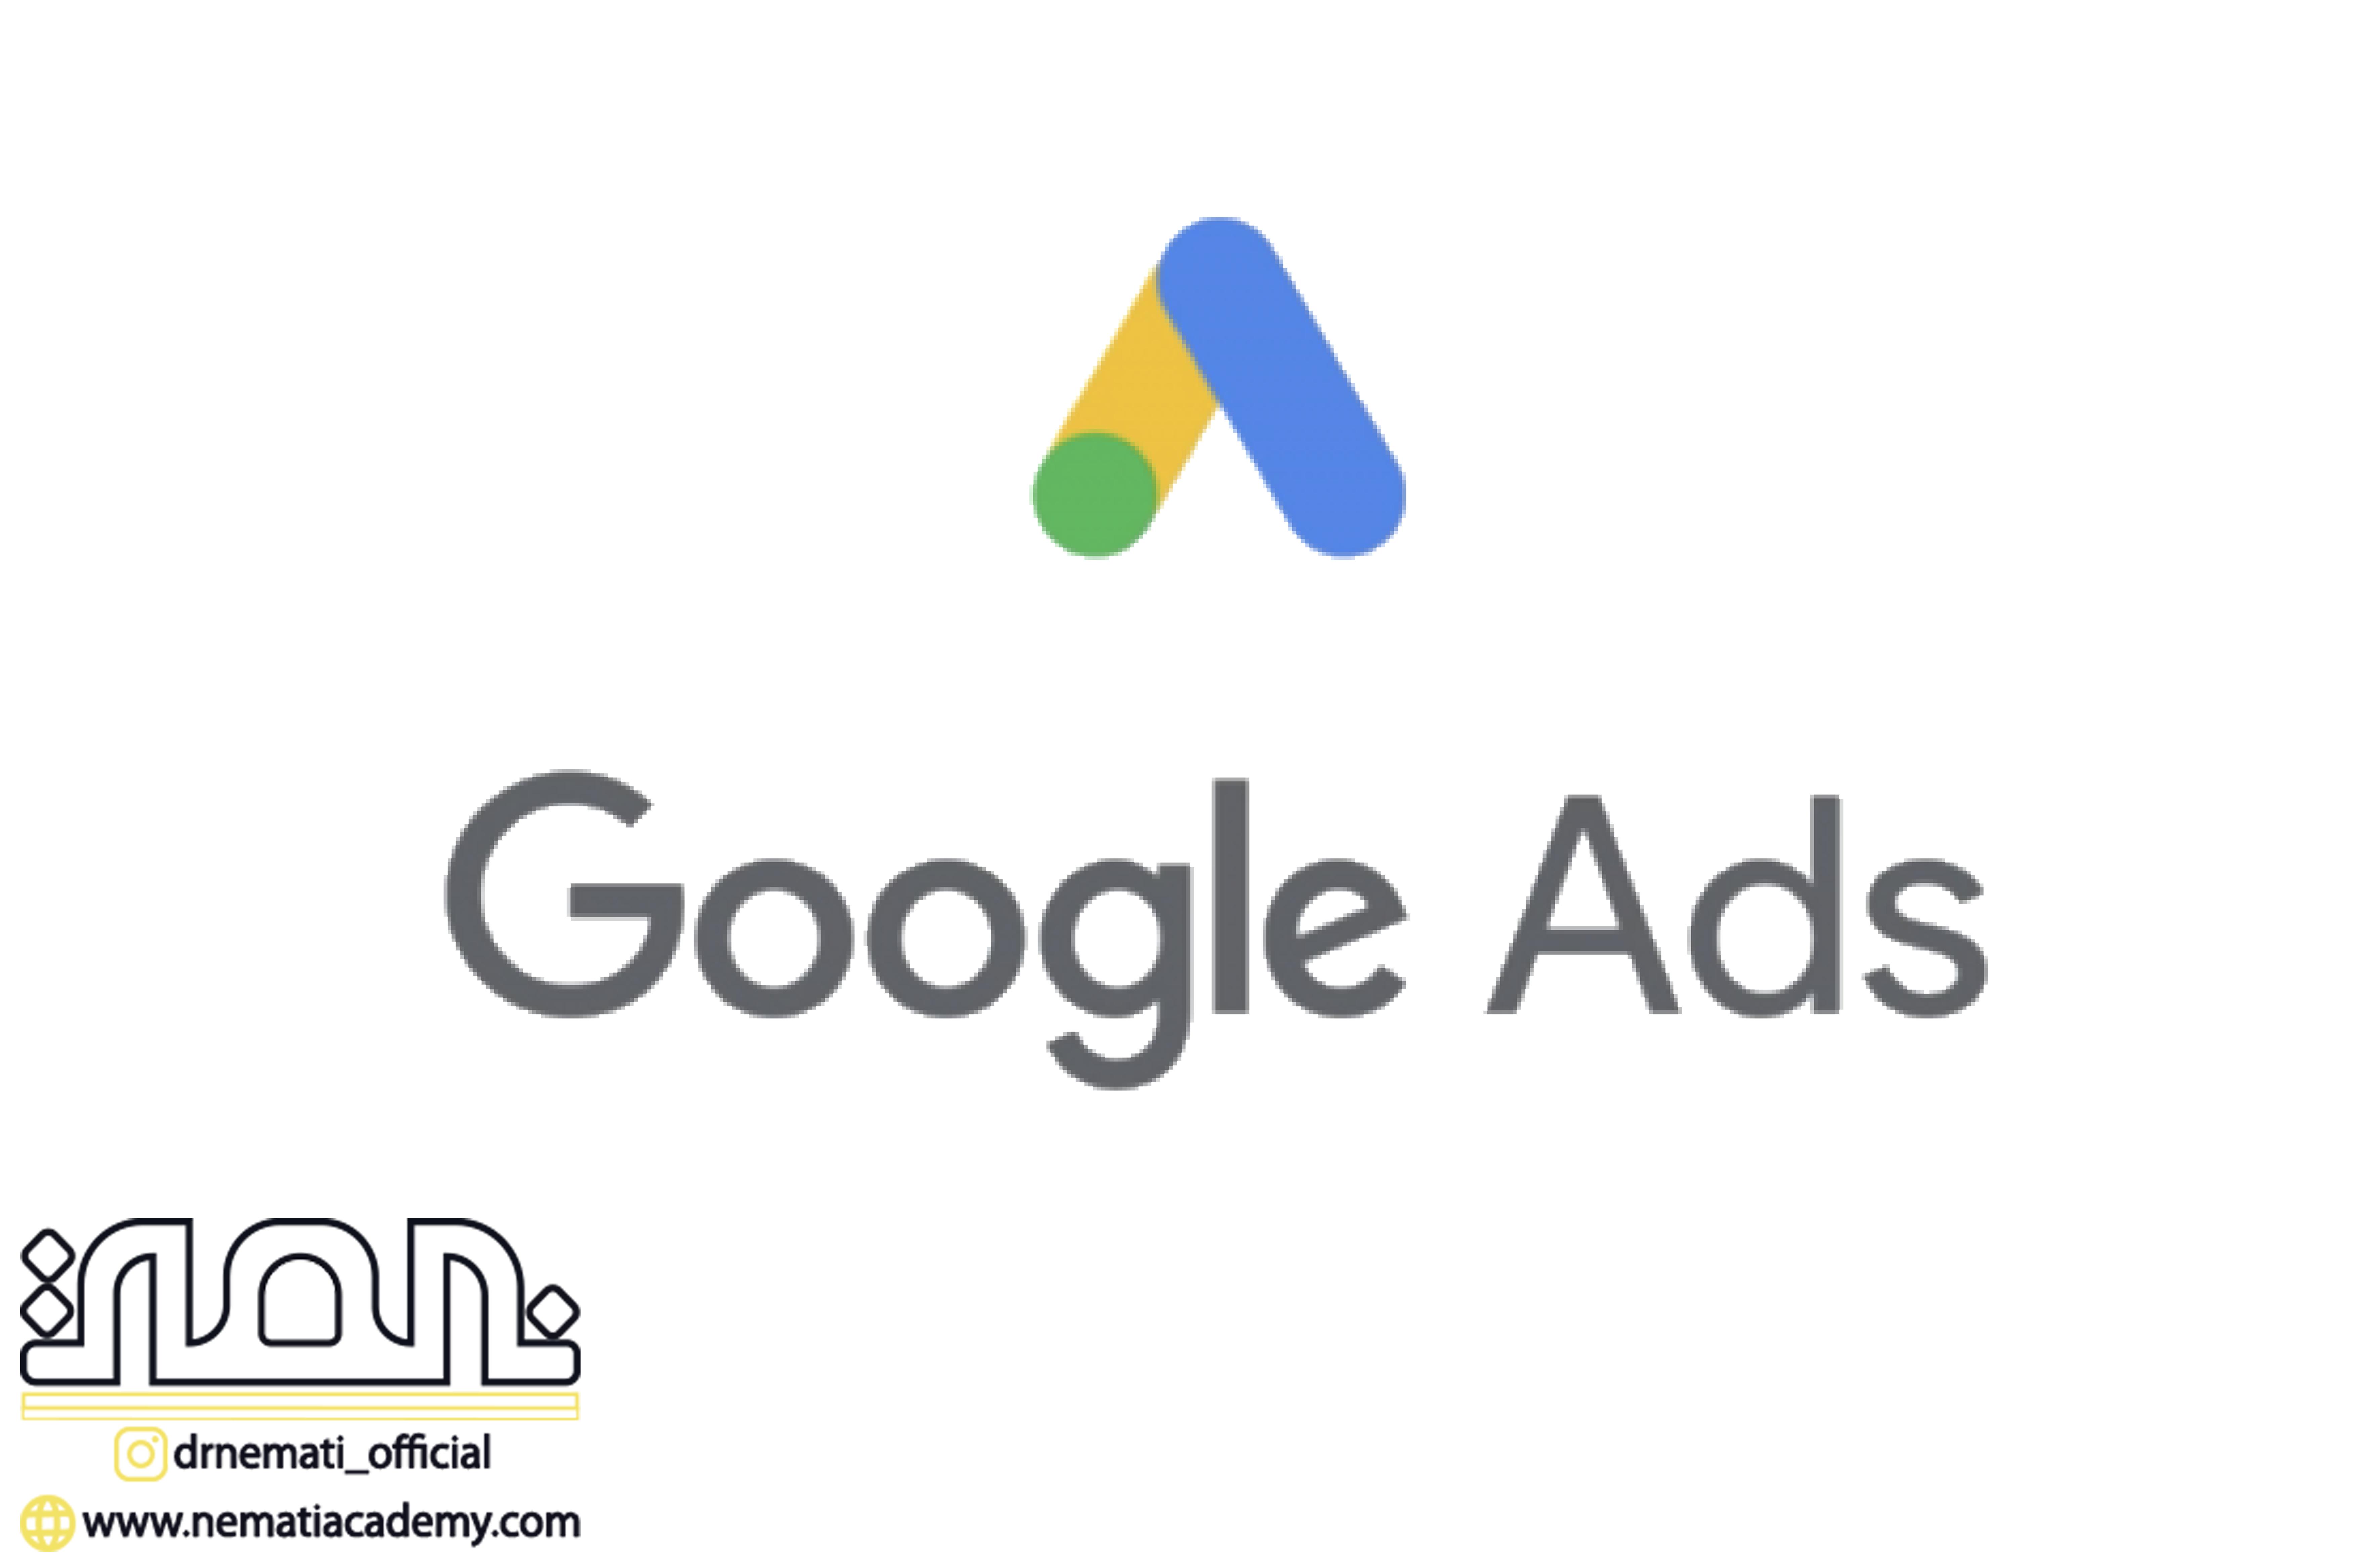 گوگل ادز چيست؟